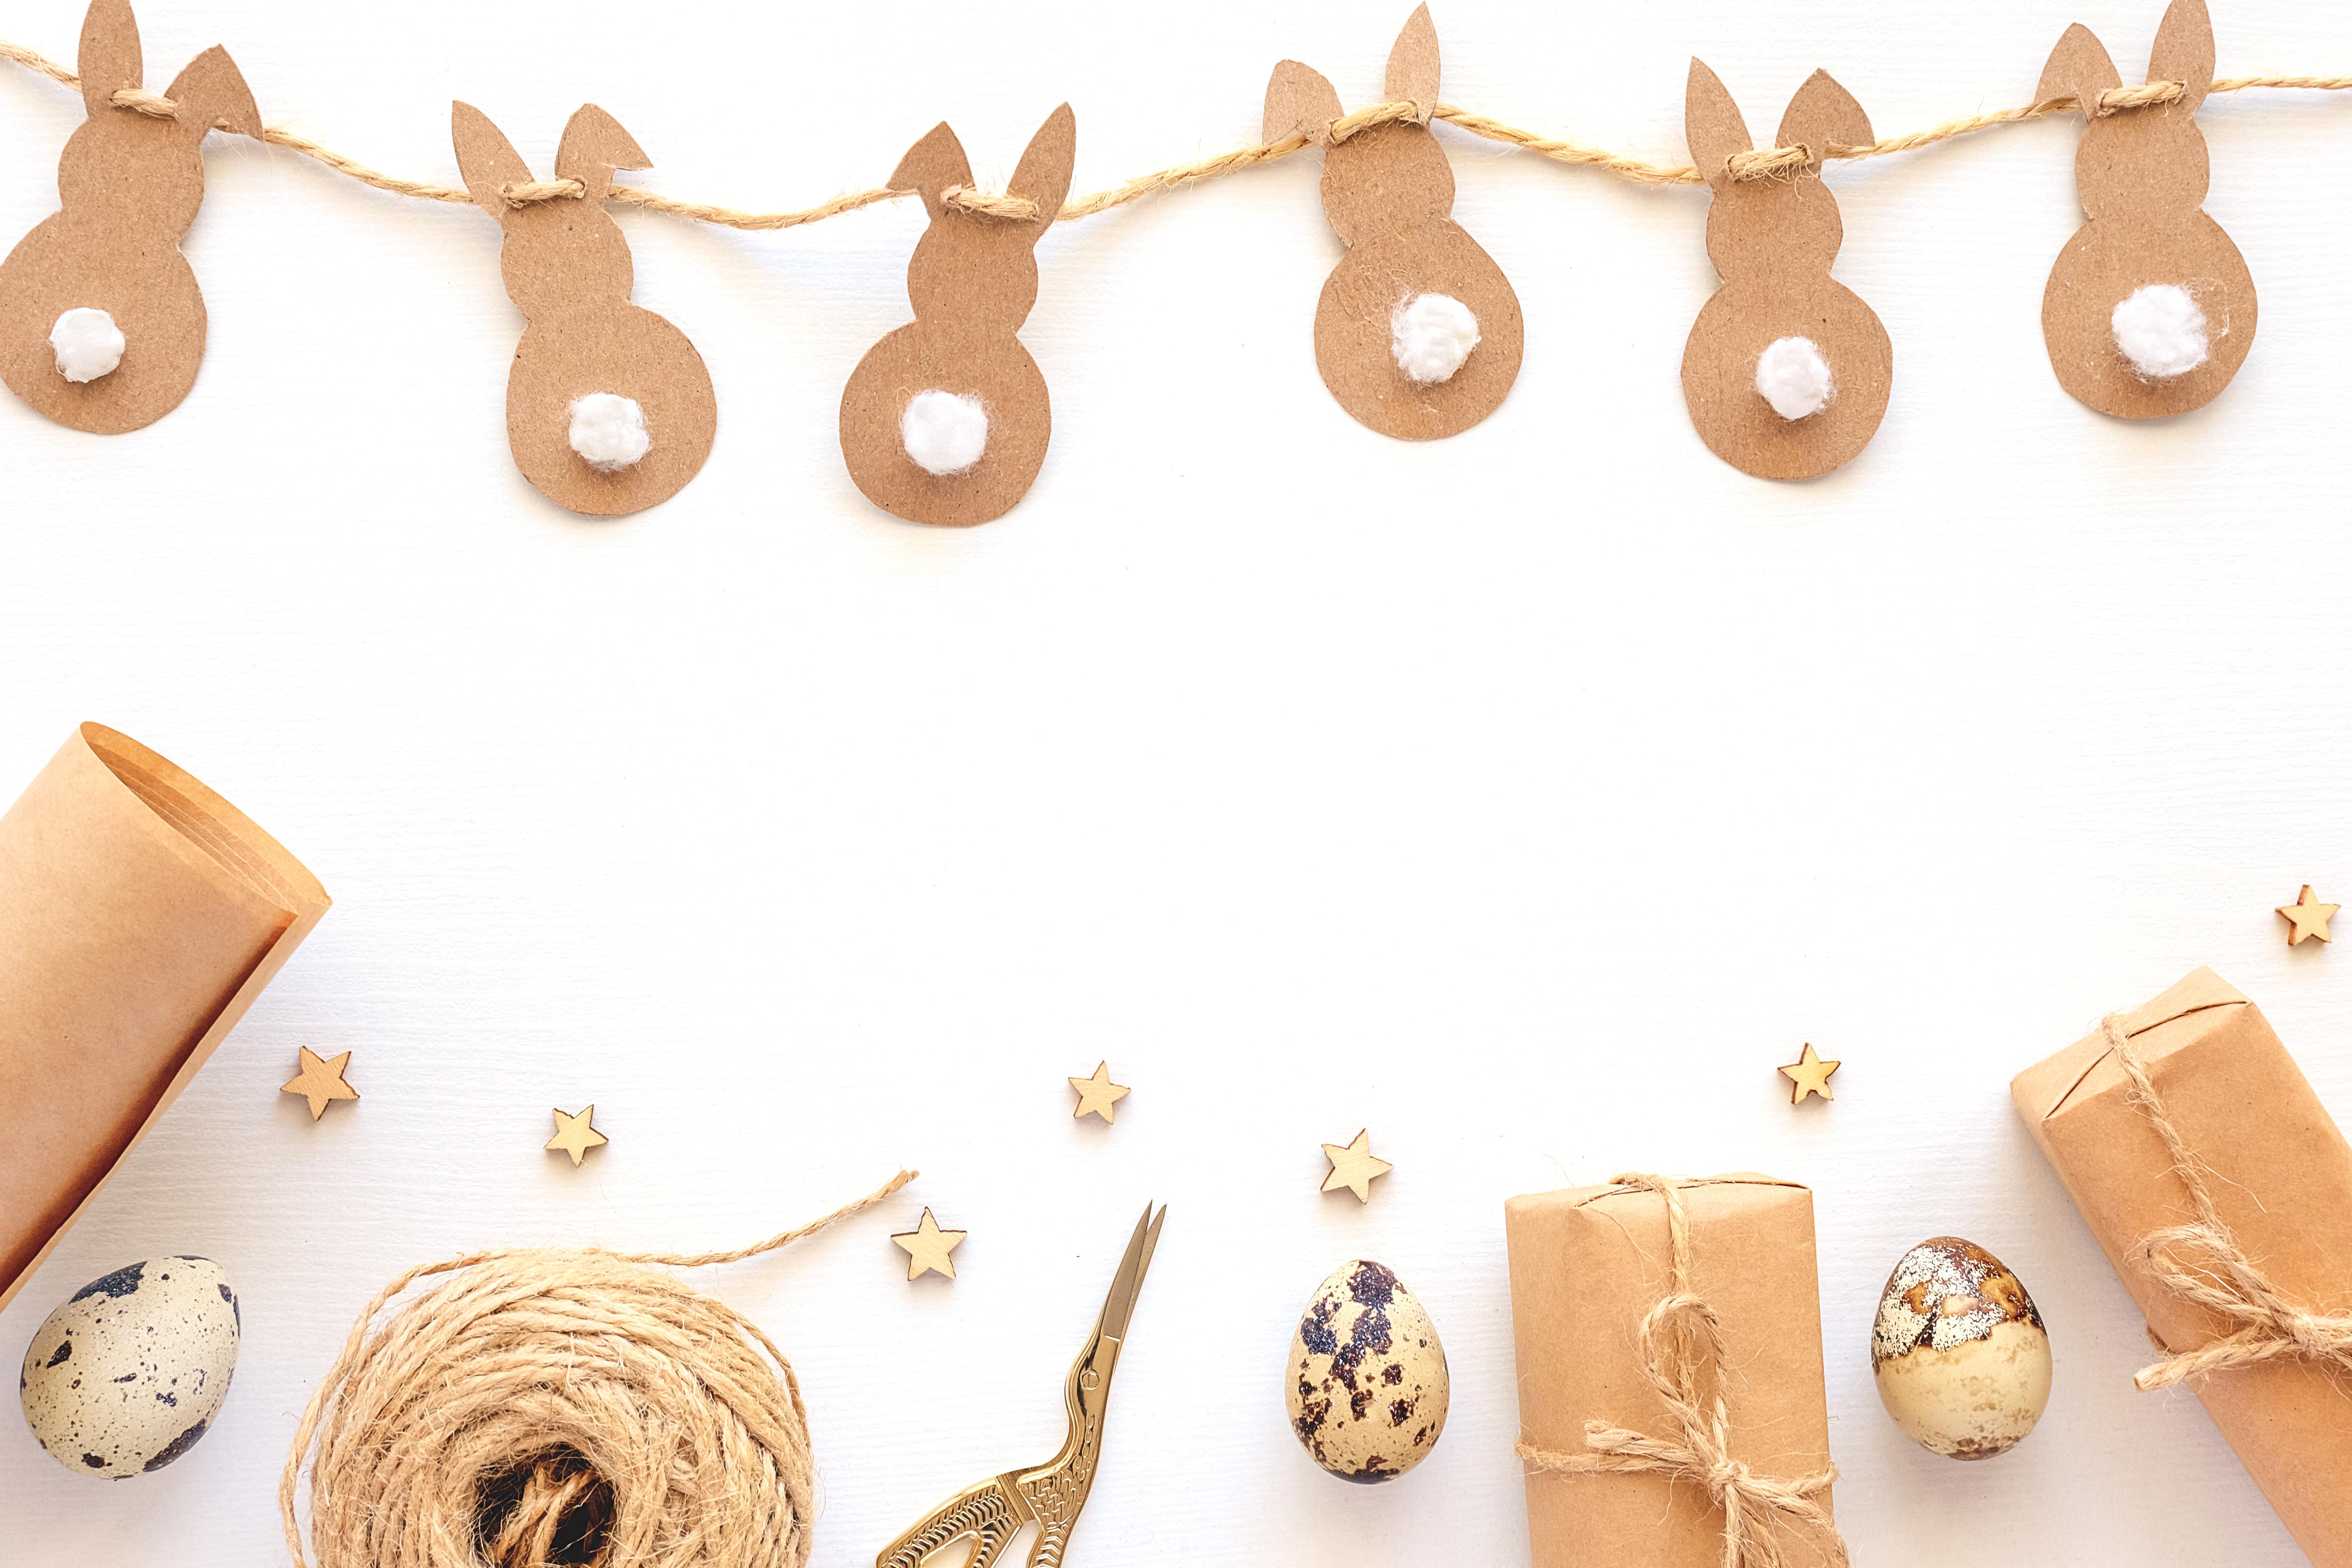 Papierowa girlanda z wielkanocnymi króliczkami (zdjęcie ilustracyjne, Adobe Stock)